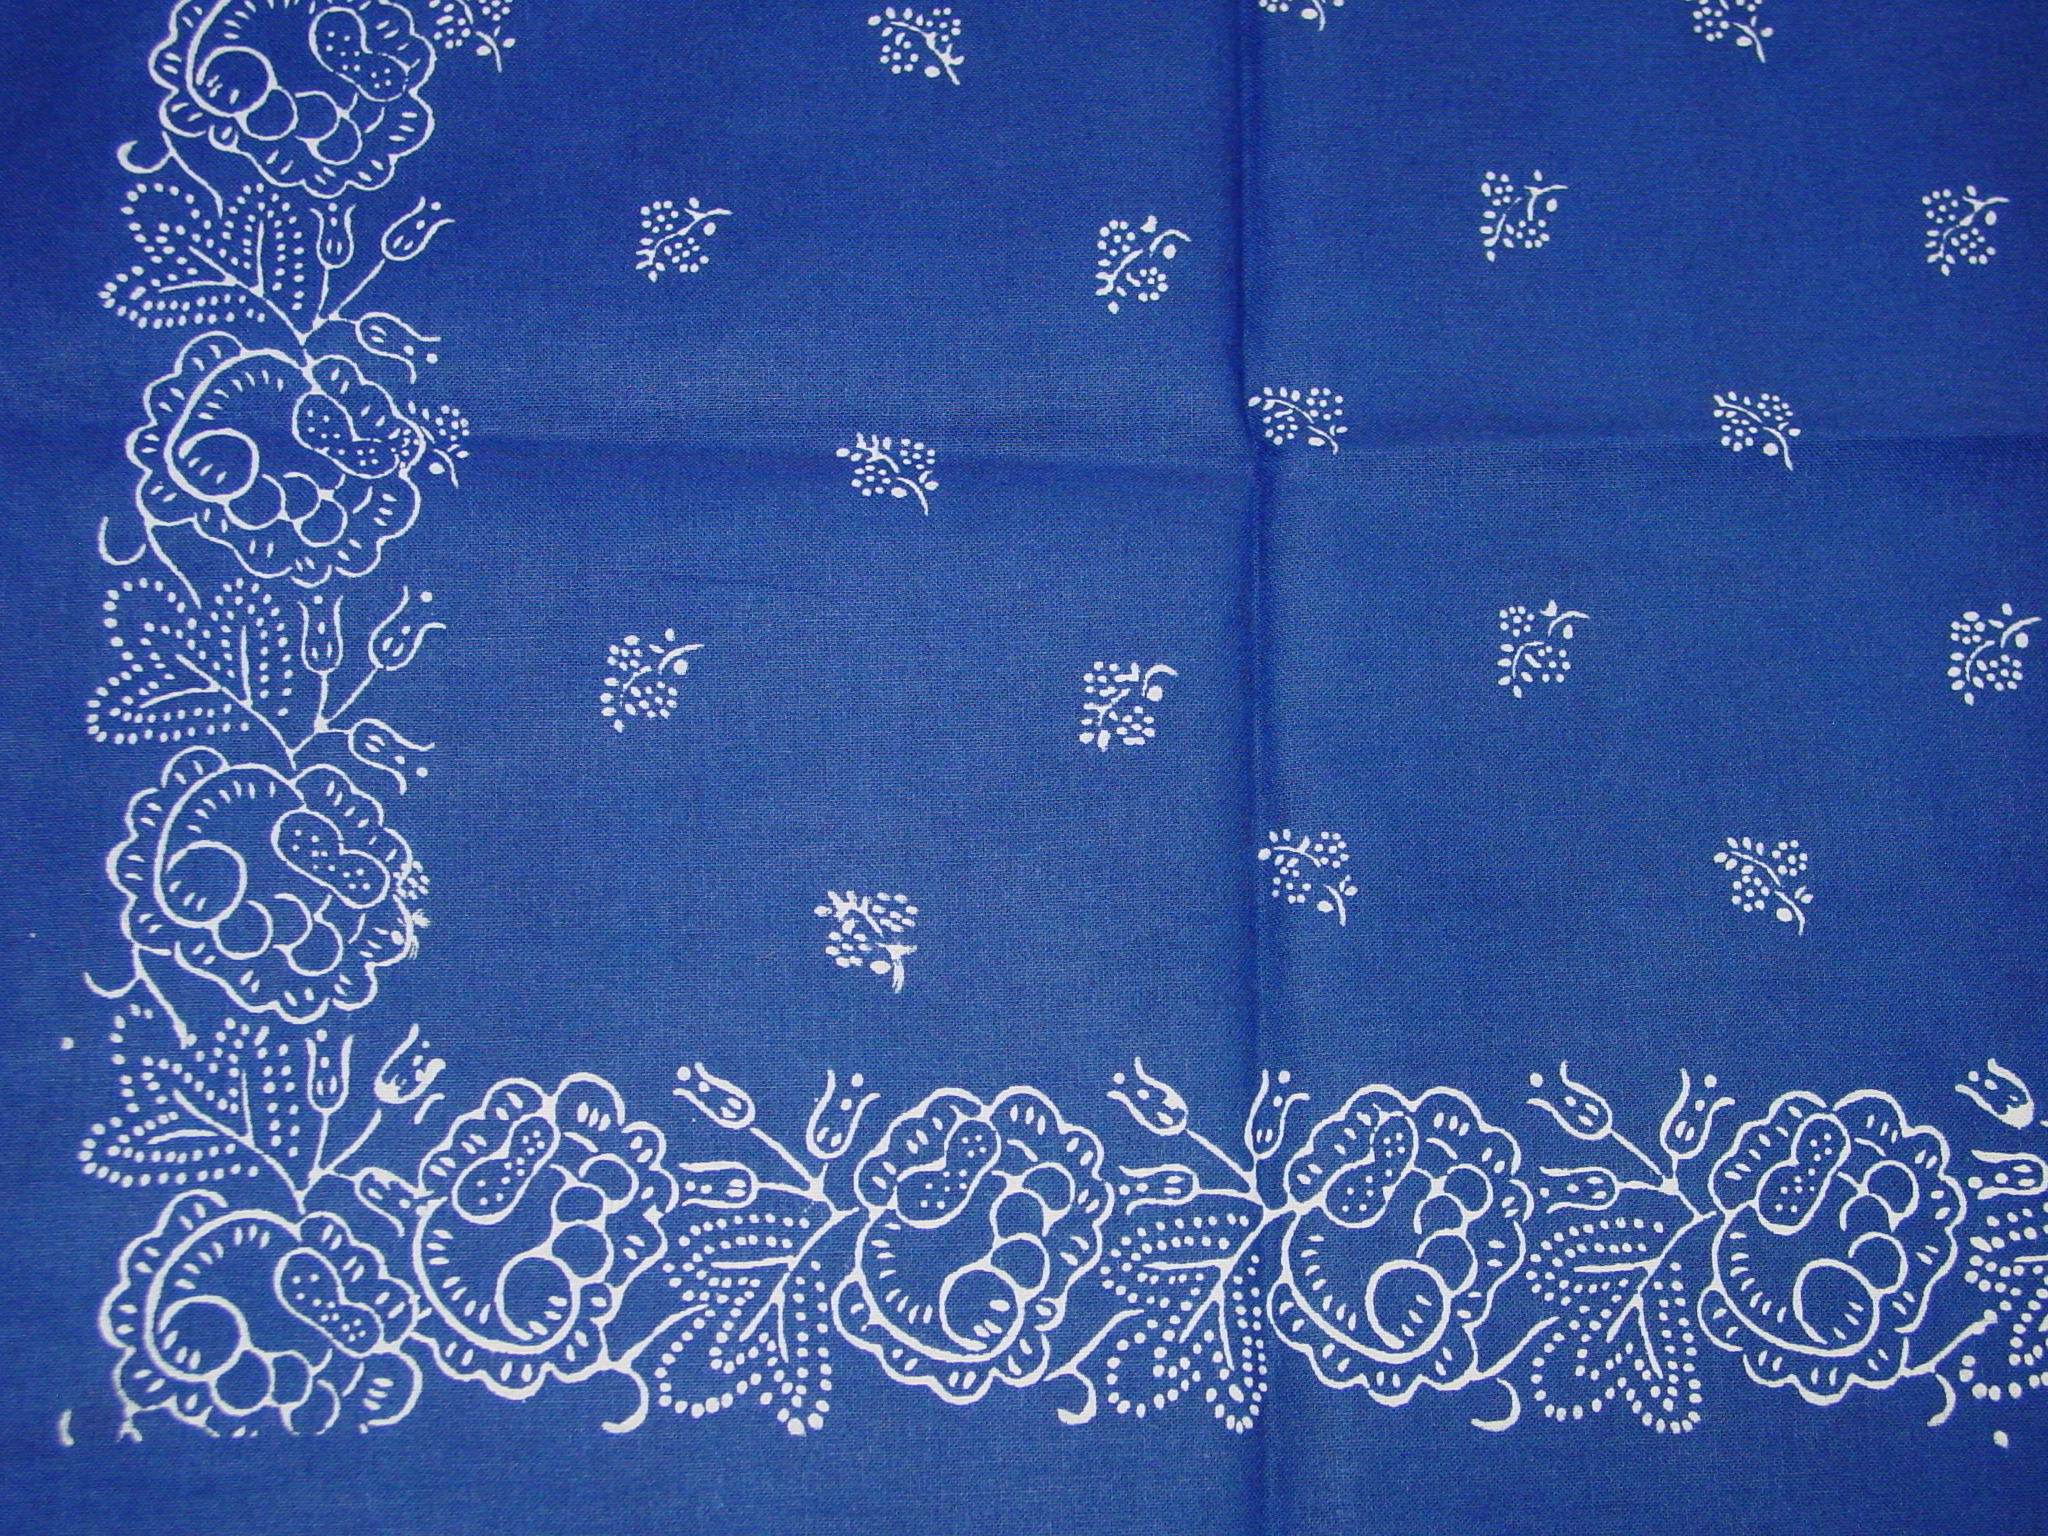 Blaudruck - Tischläufer 6228-1199